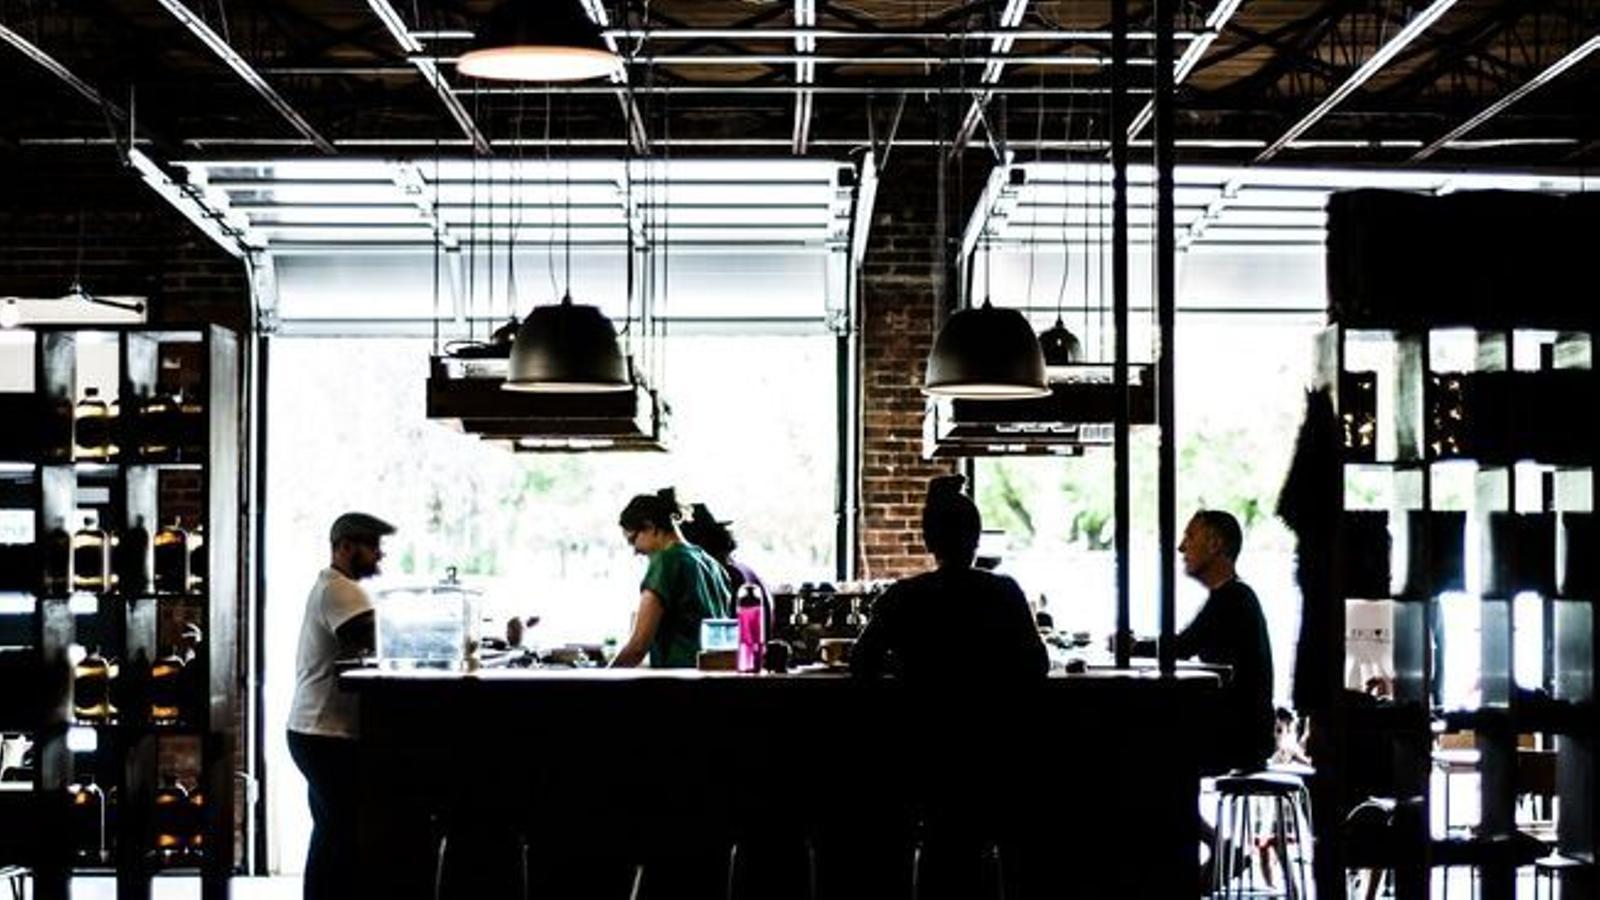 La barra d'un restaurant, en una imatge d'arxiu. / ARXIU ANA